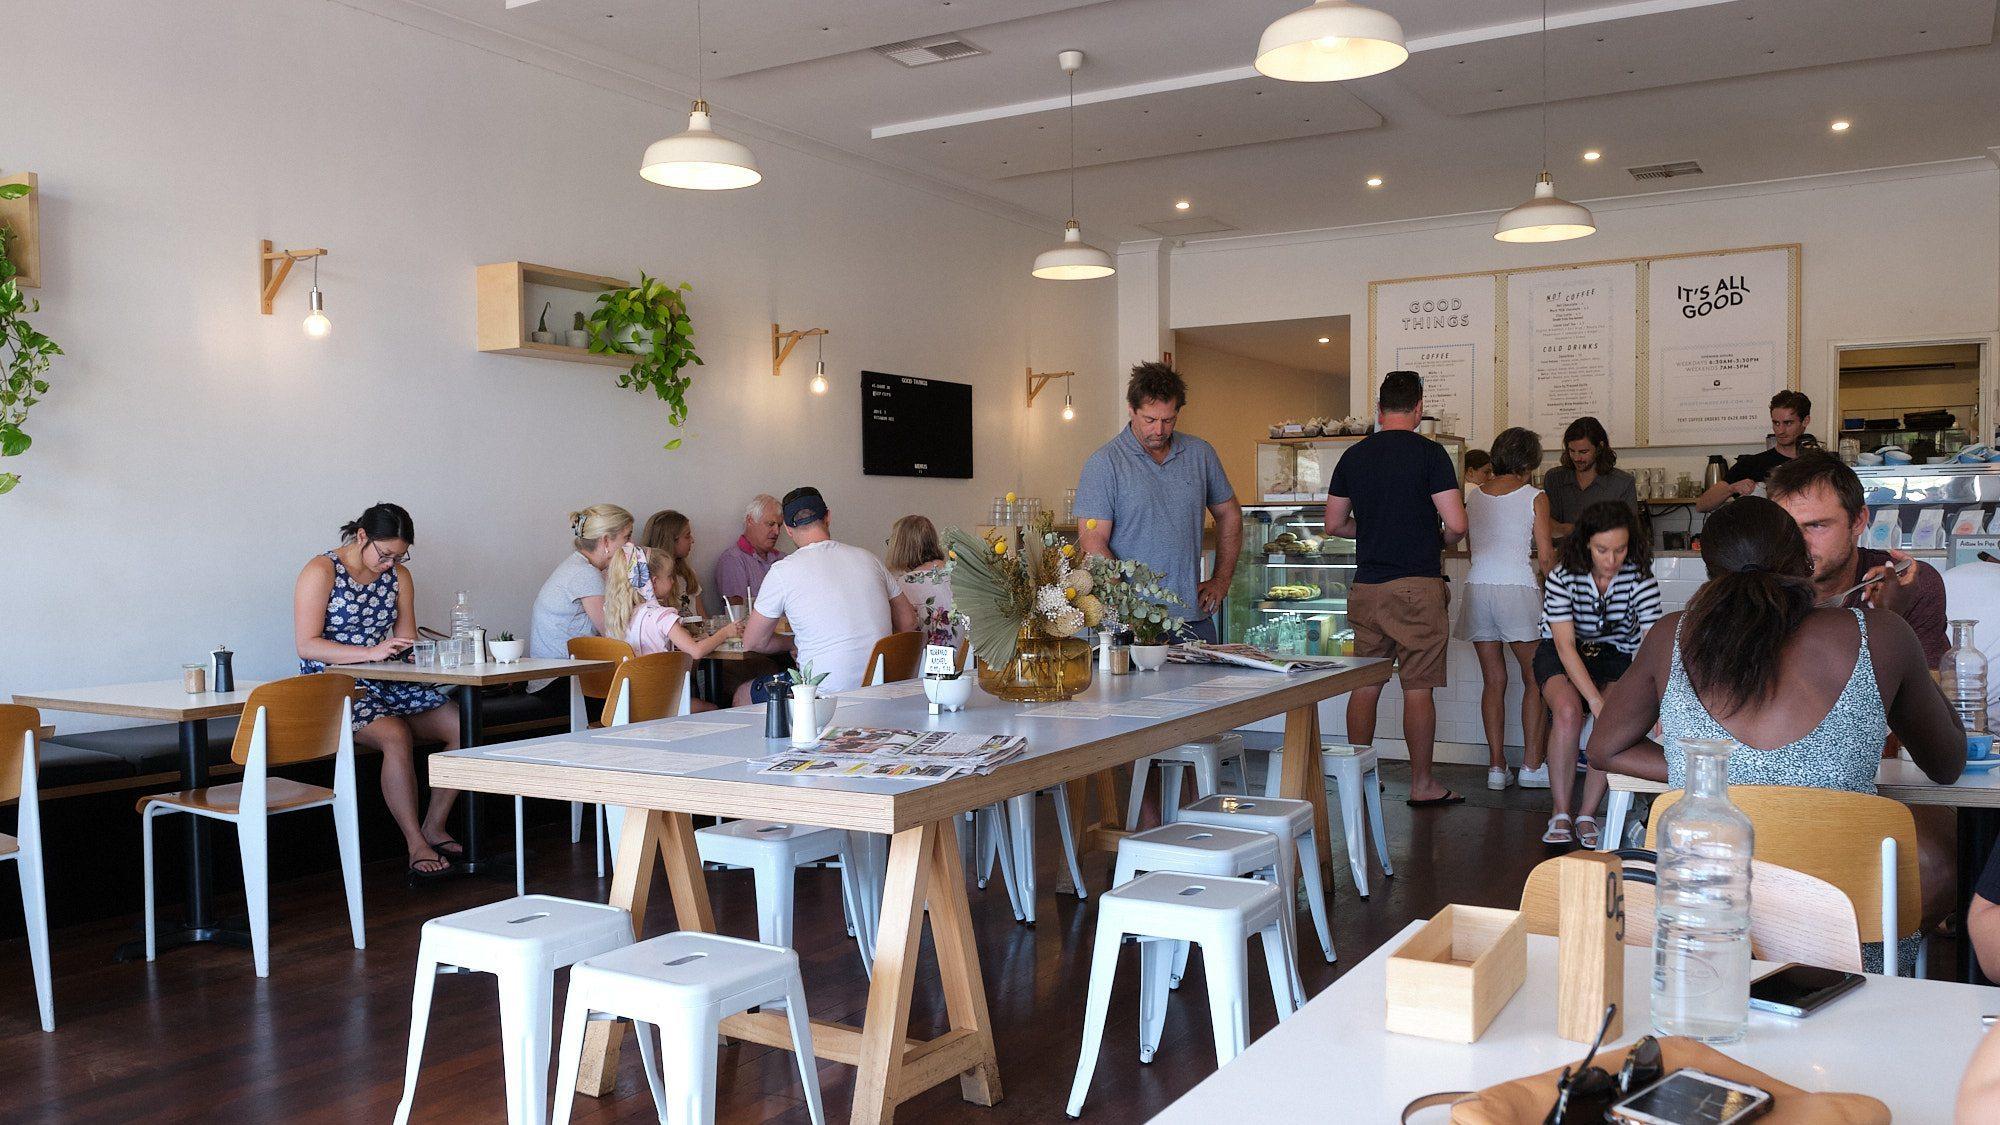 Good Things café